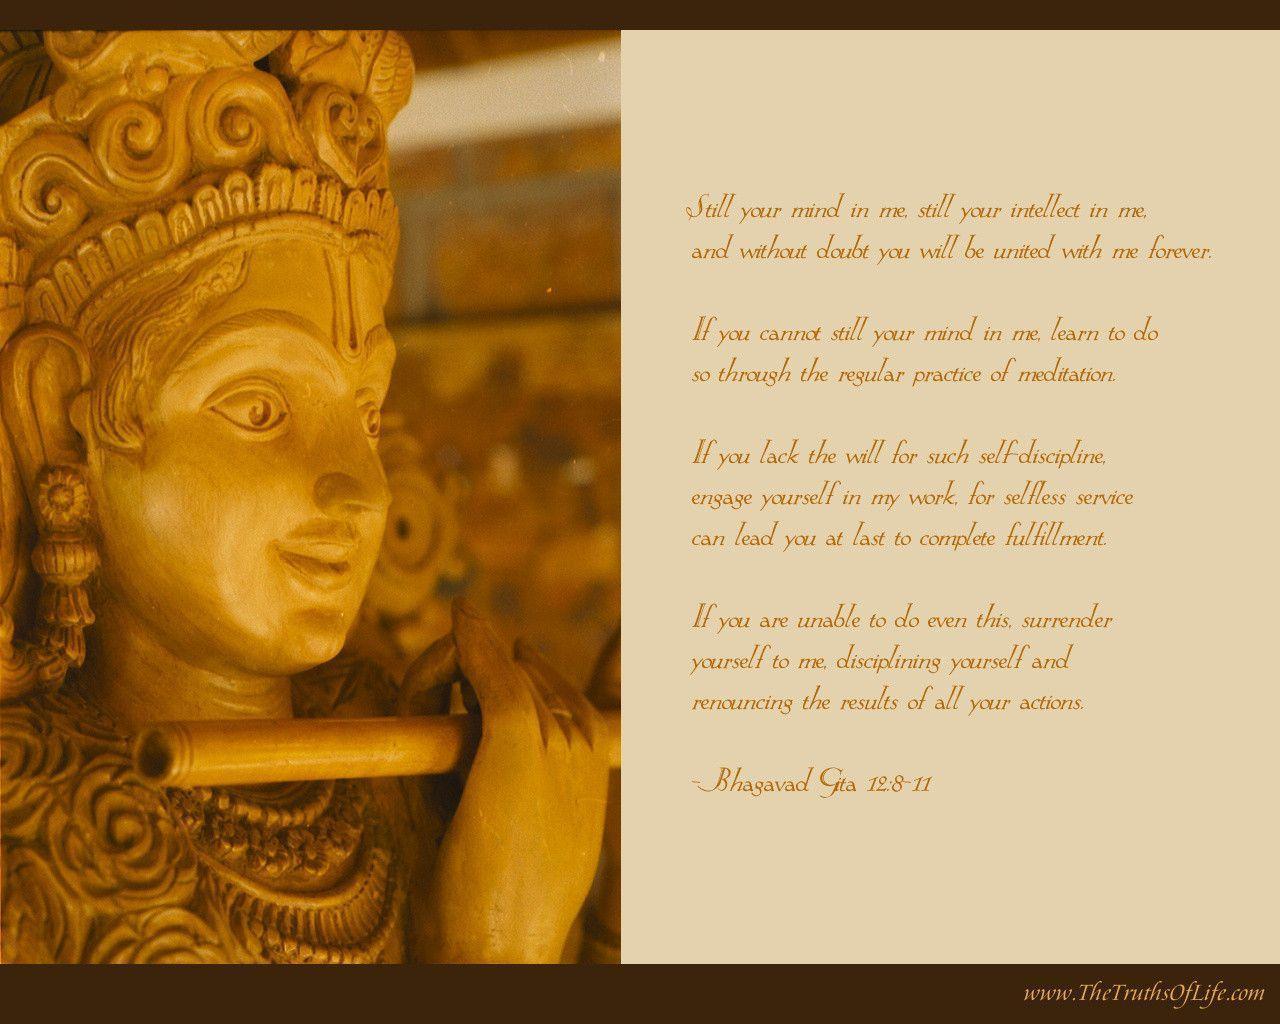 Hinduism Wallpapers - Hindu, Hinduism, and Krishna Wallpaper